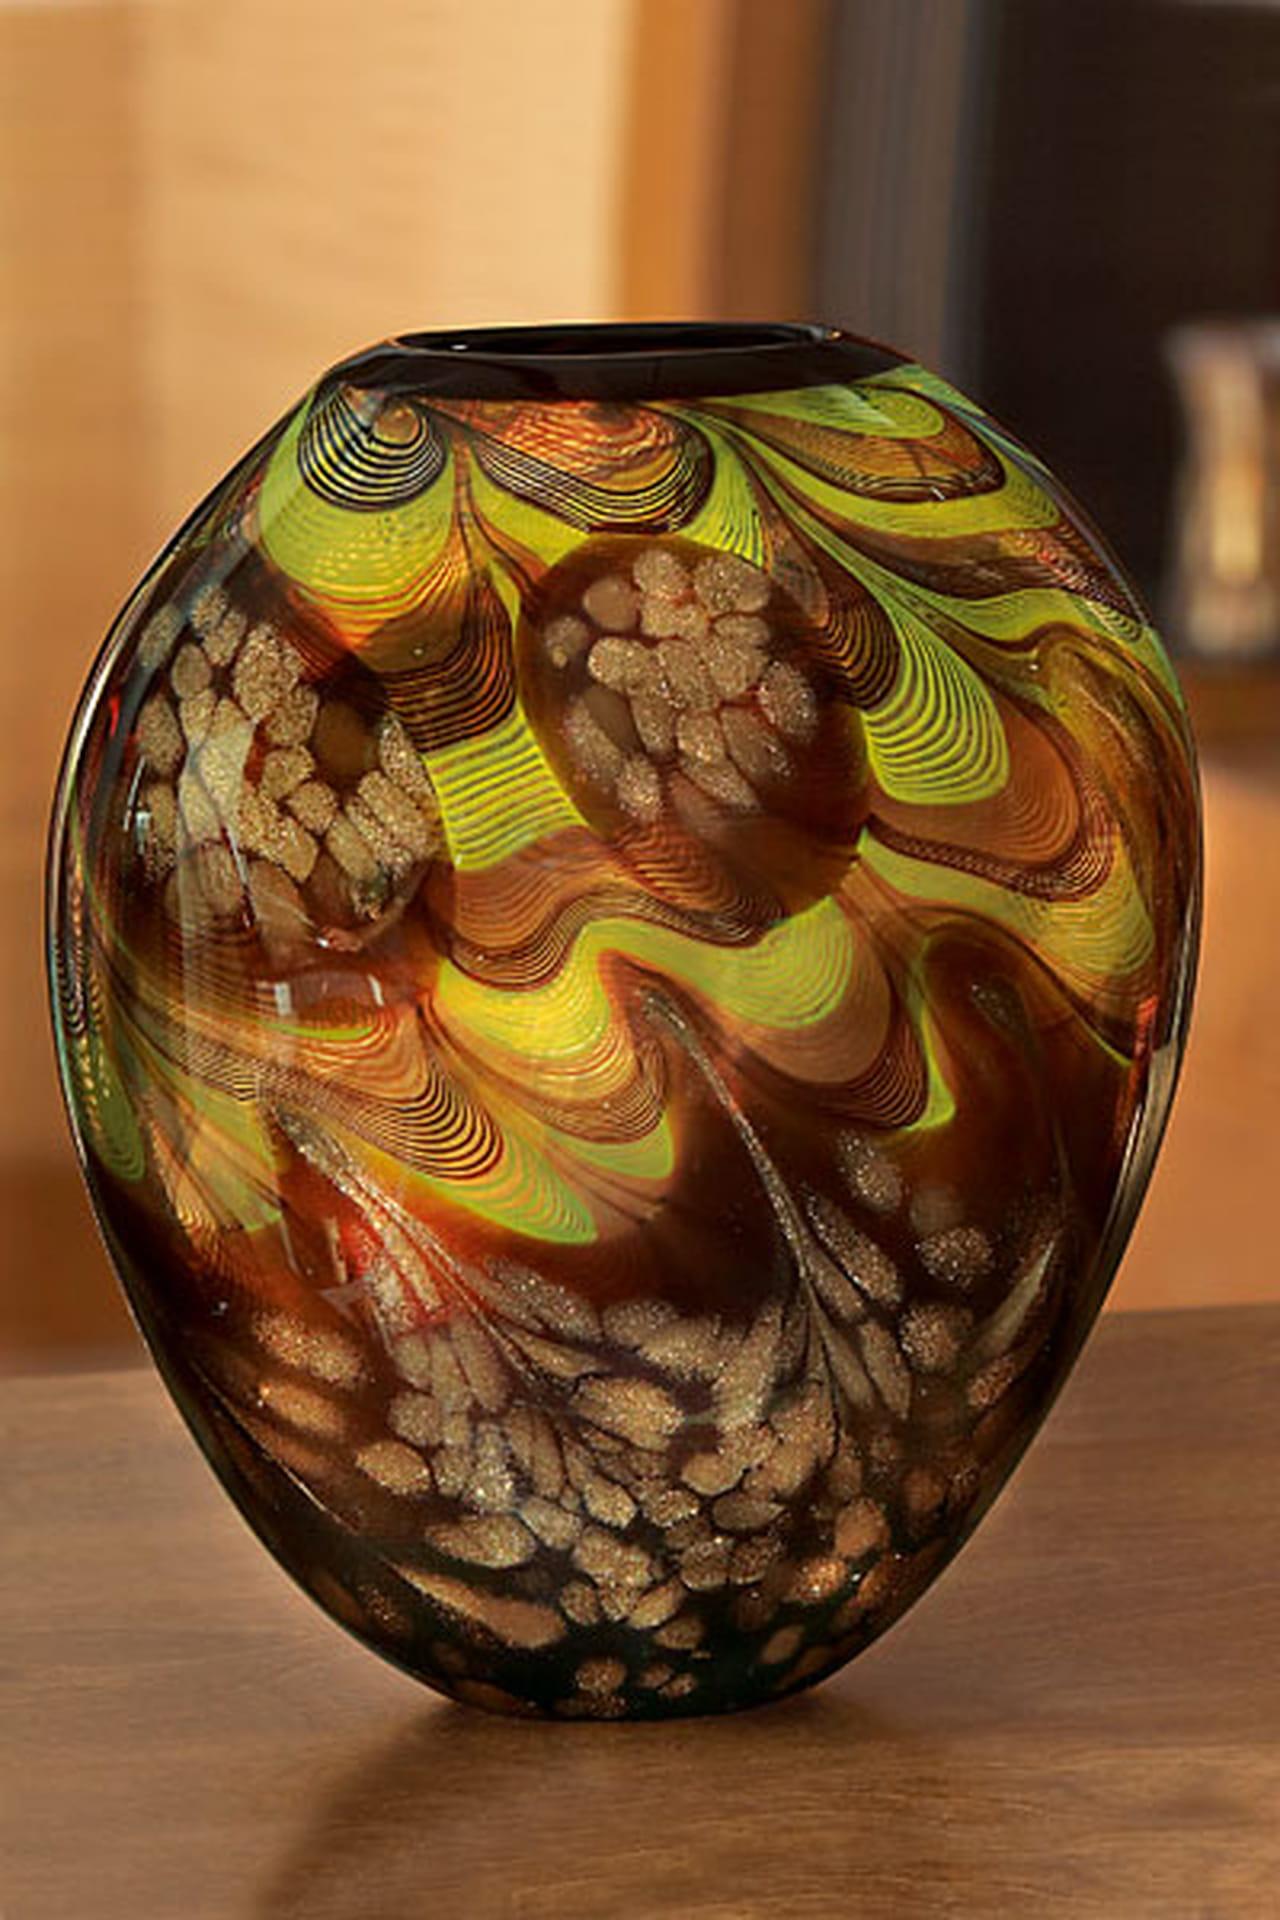 مجموعة مزهرايات متنوعة الألوان والتصاميم  785408